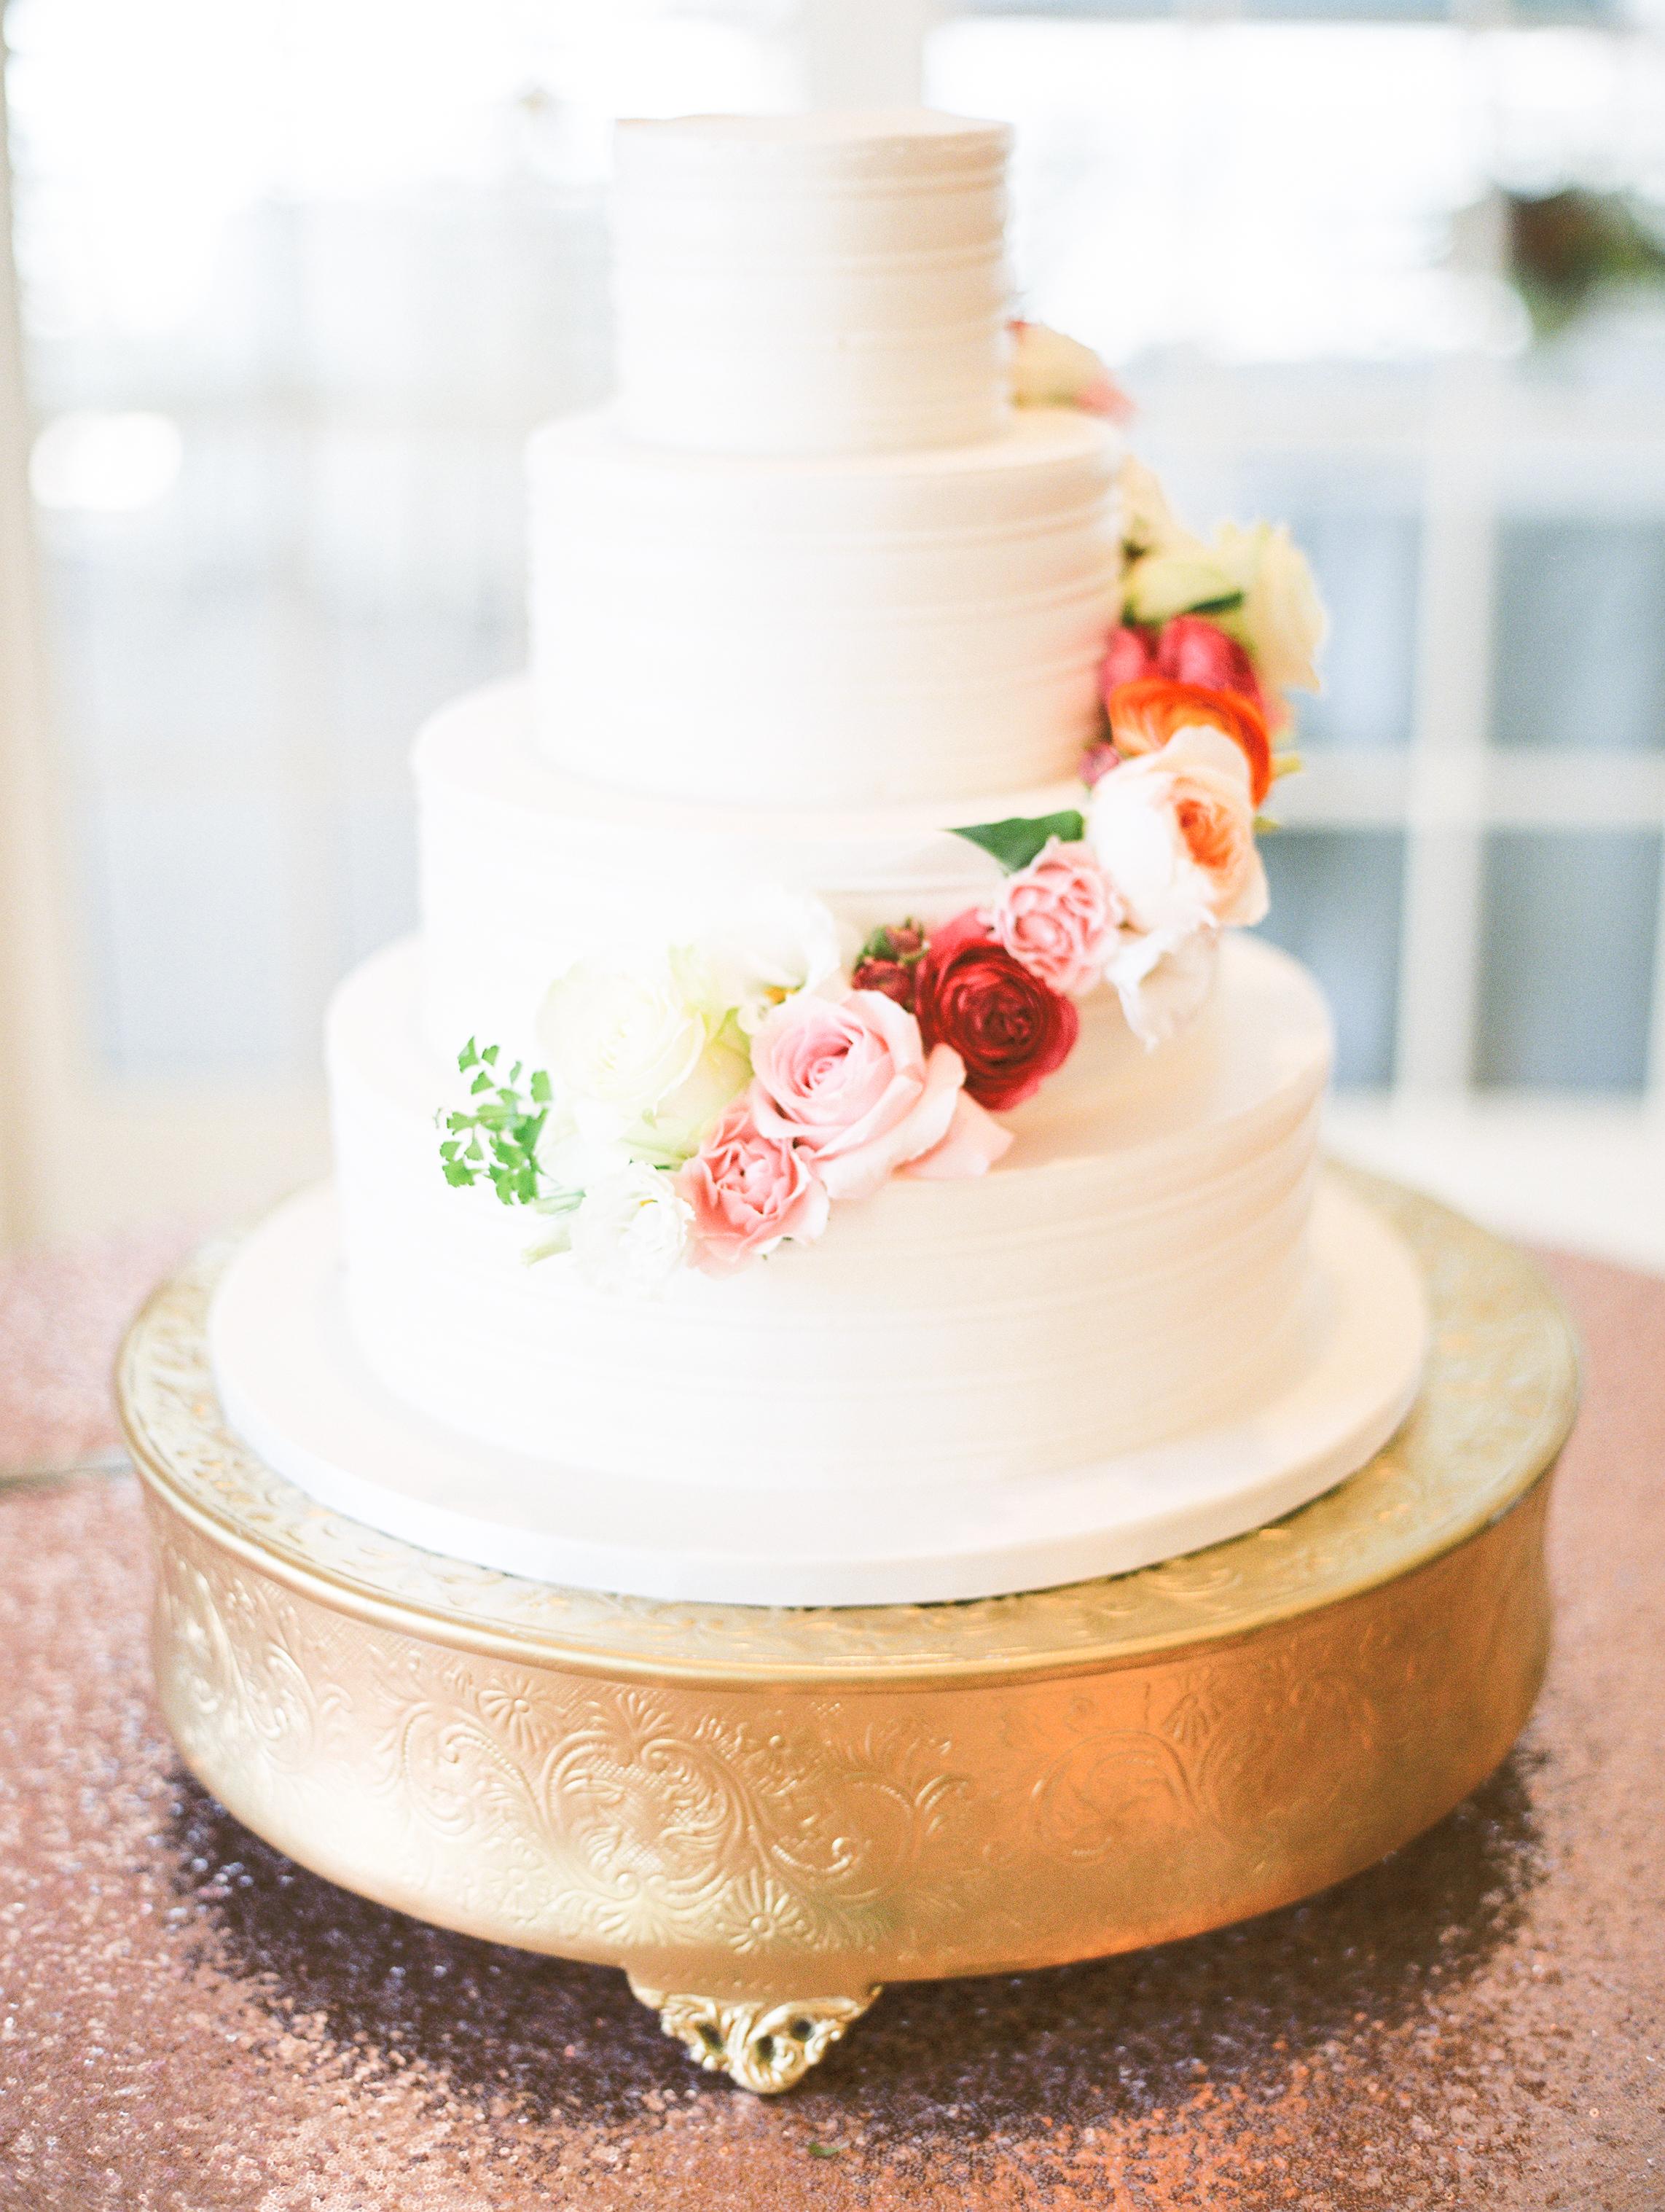 Govathoti+Wedding+Reception+Details-53.jpg